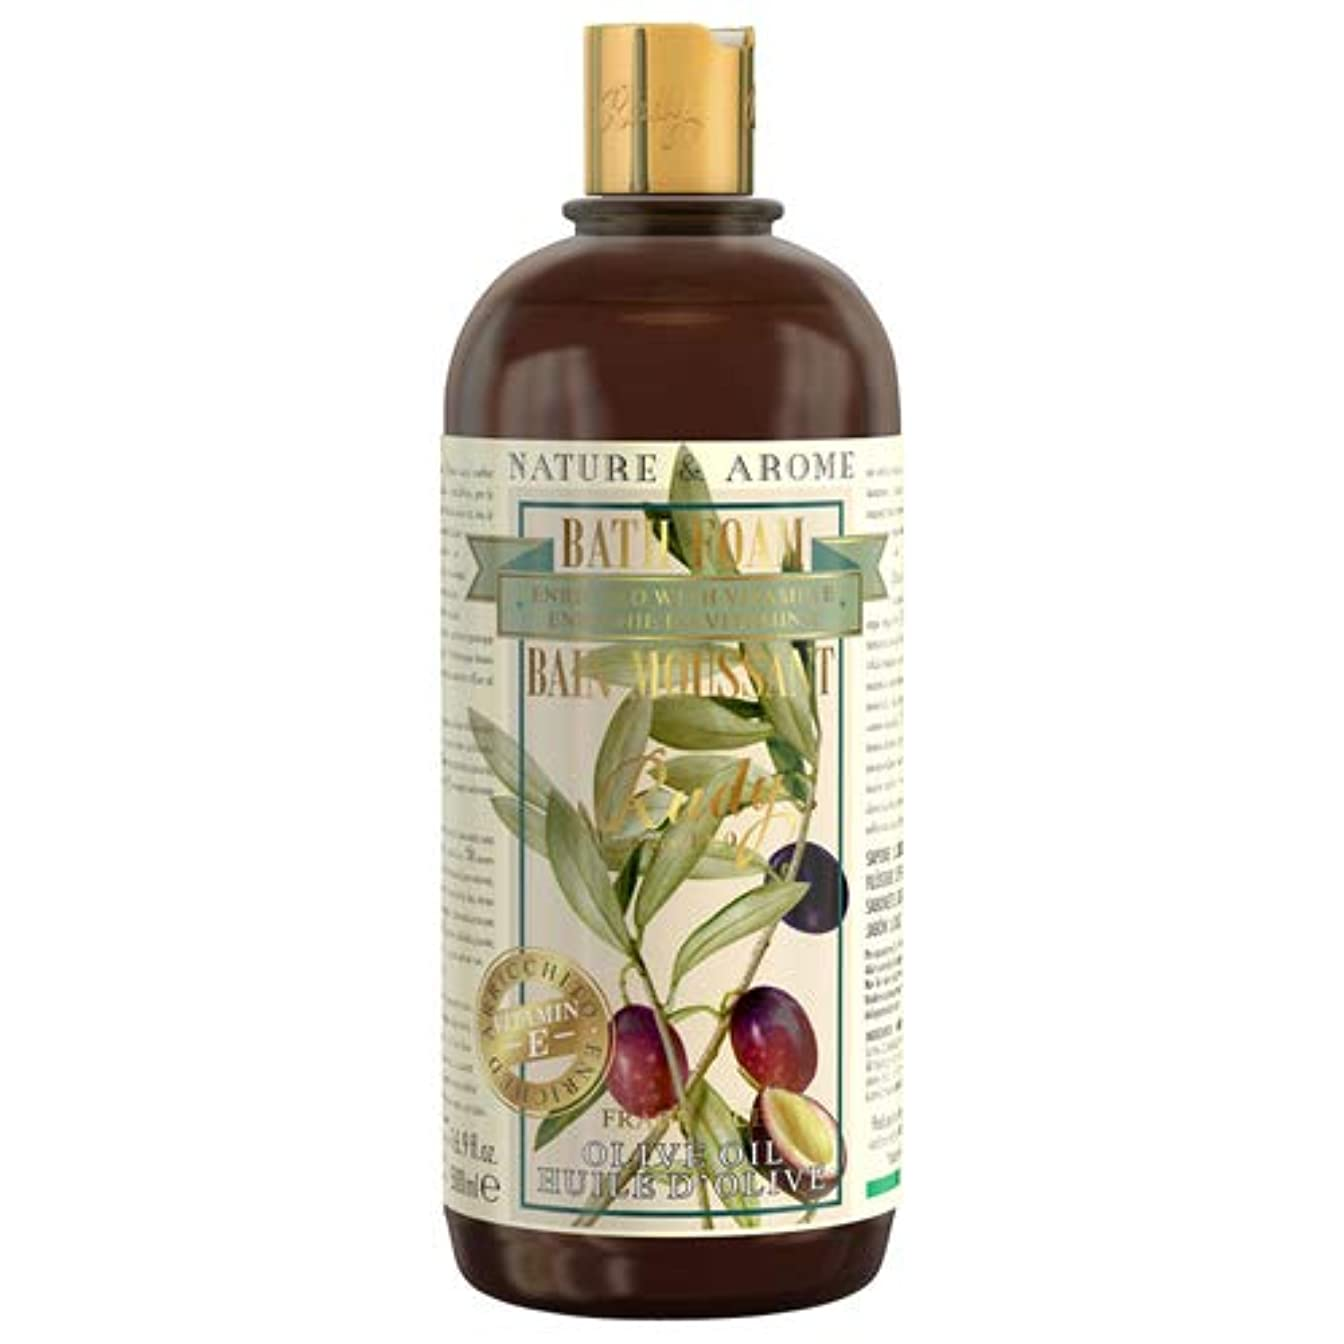 三角安定した解釈するルディ(Rudy) RUDY Nature&Arome Apothecary ネイチャーアロマ アポセカリー Bath & Shower Gel バス&シャワージェル Olive Oil オリーブオイル